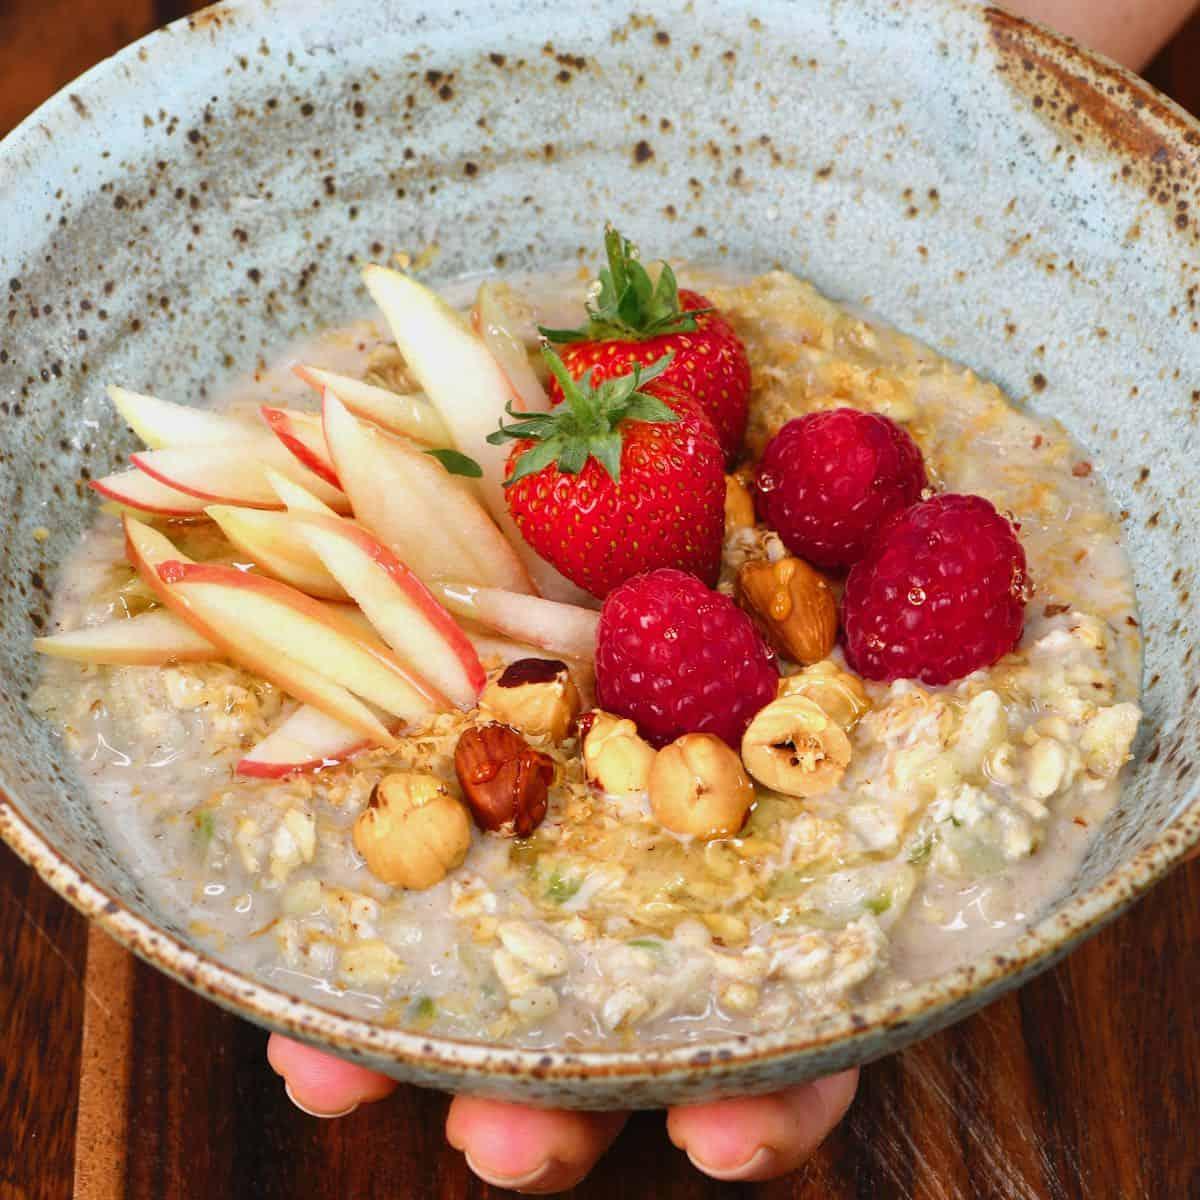 Bircher muesli in a bowl